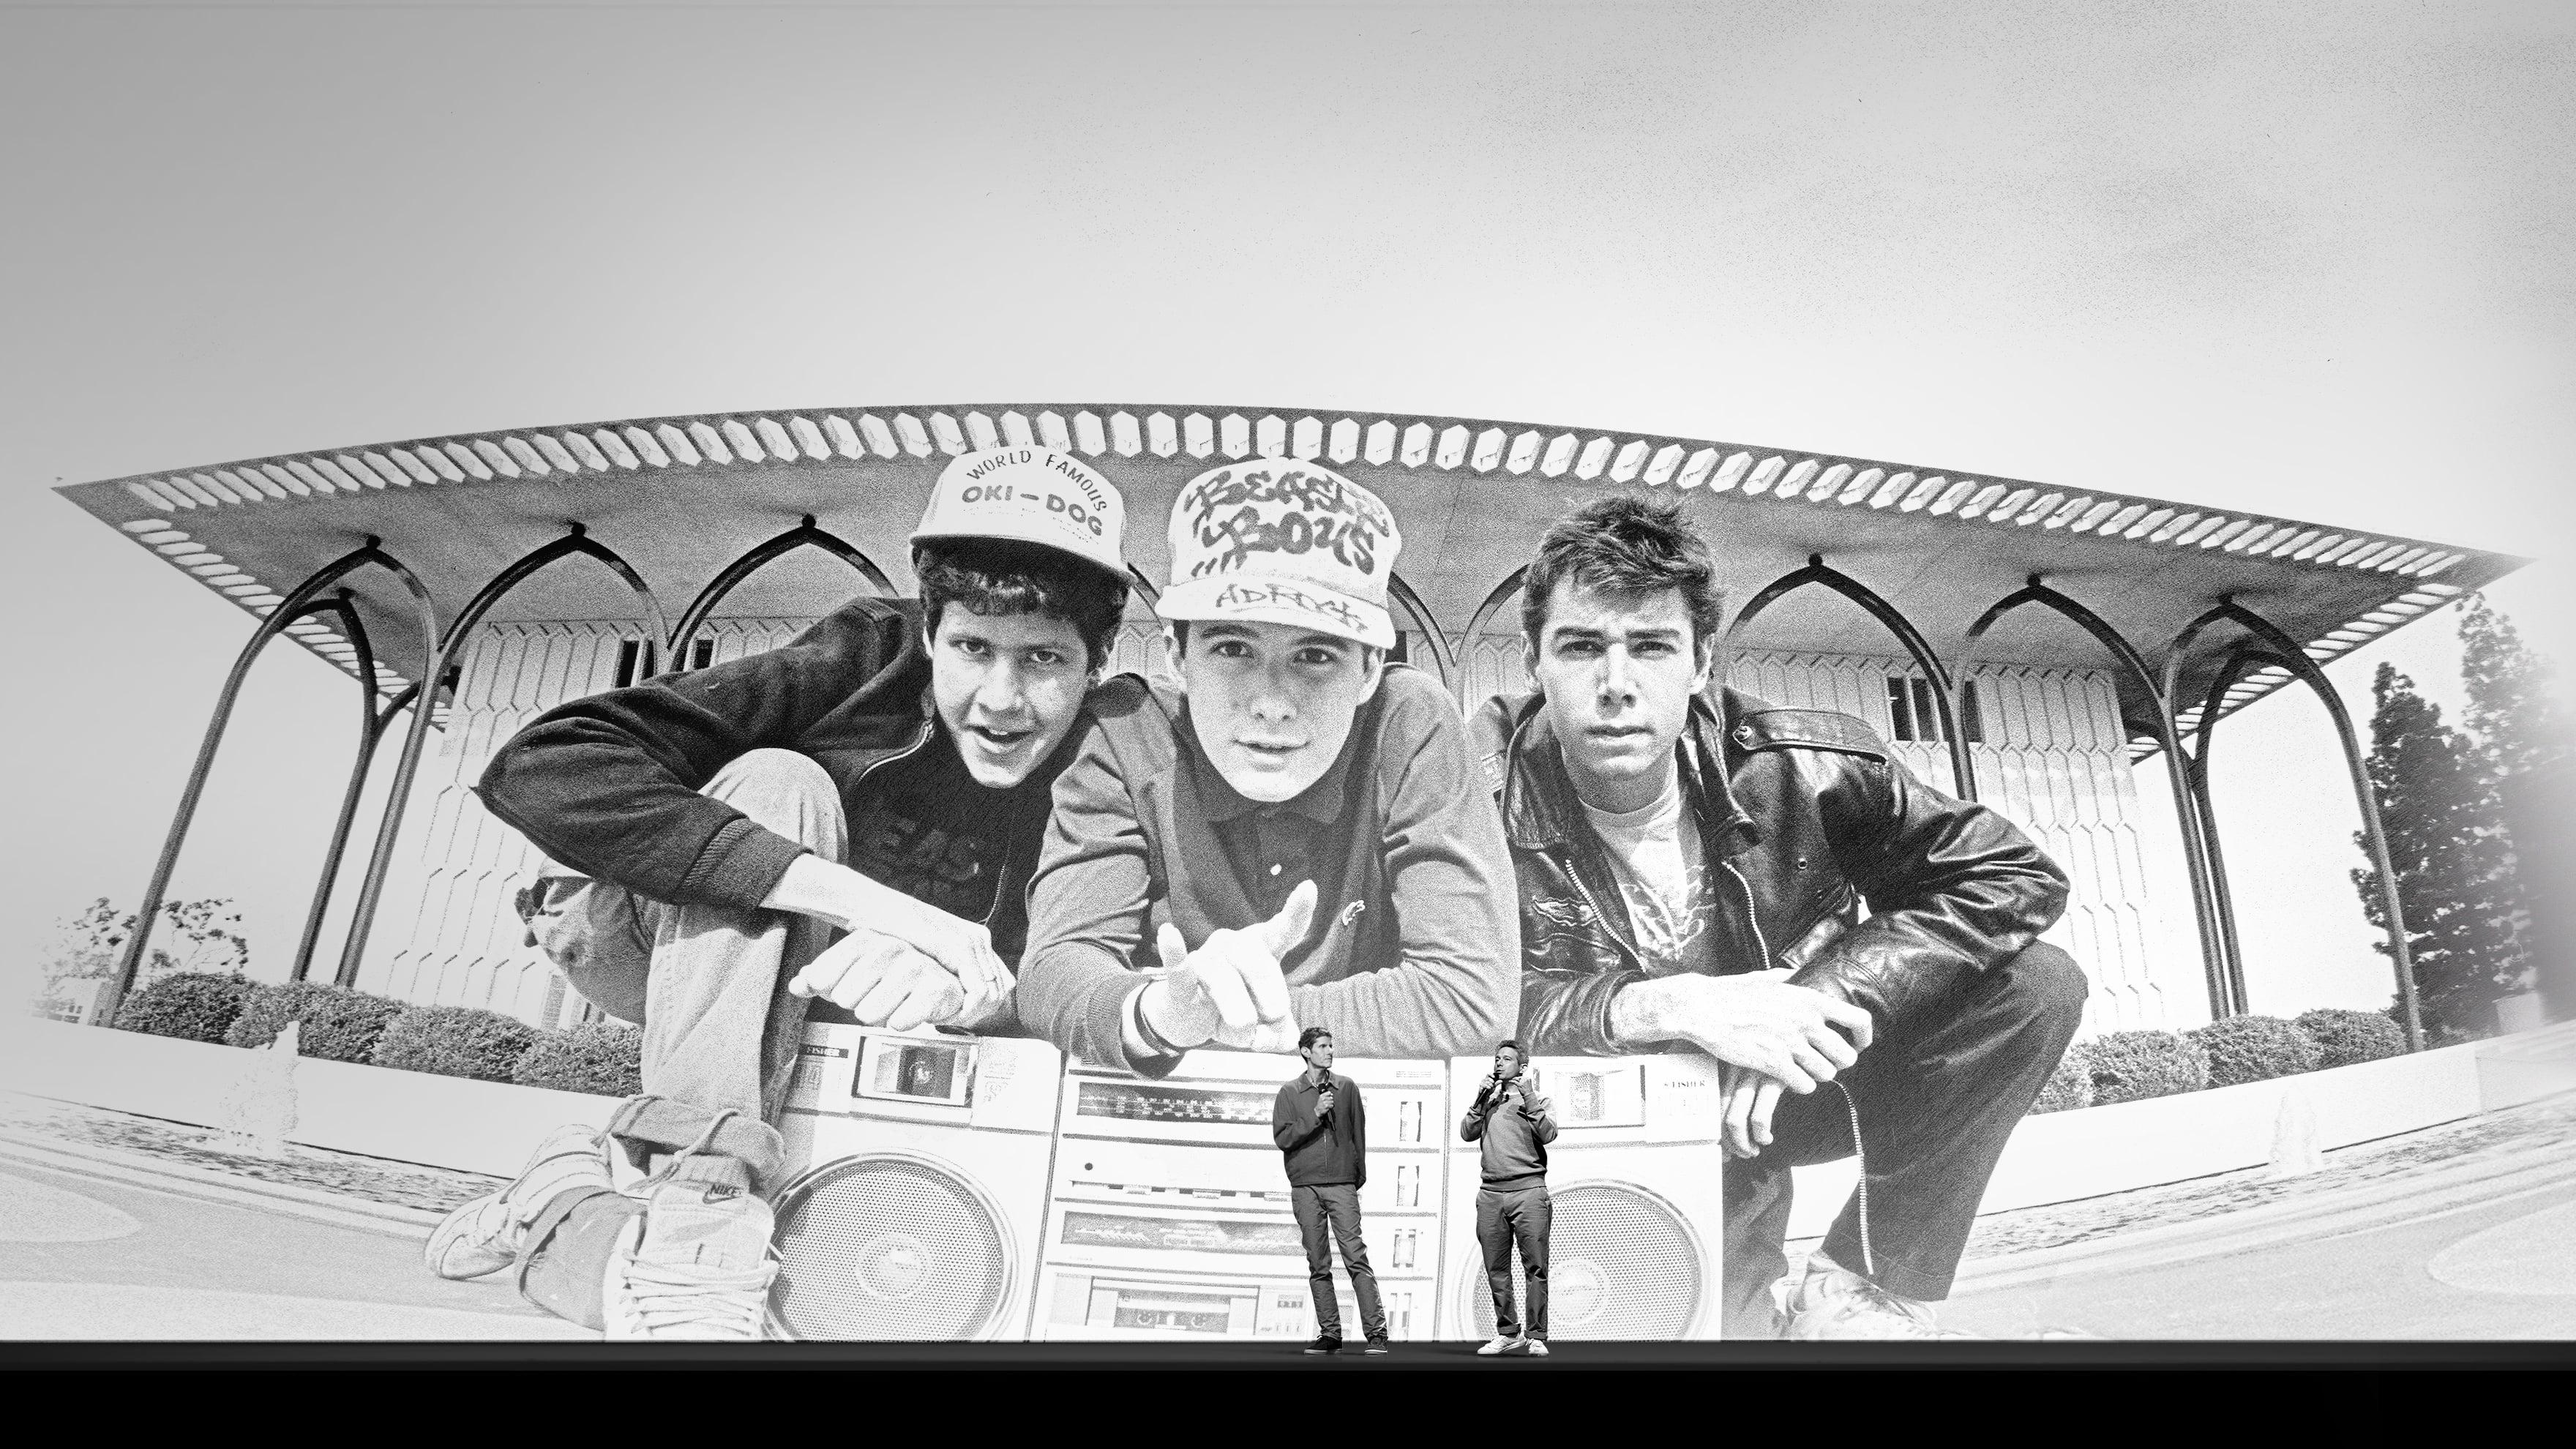 Película La historia de los Beastie Boys: Un documental de Spike Jonze en GNULA